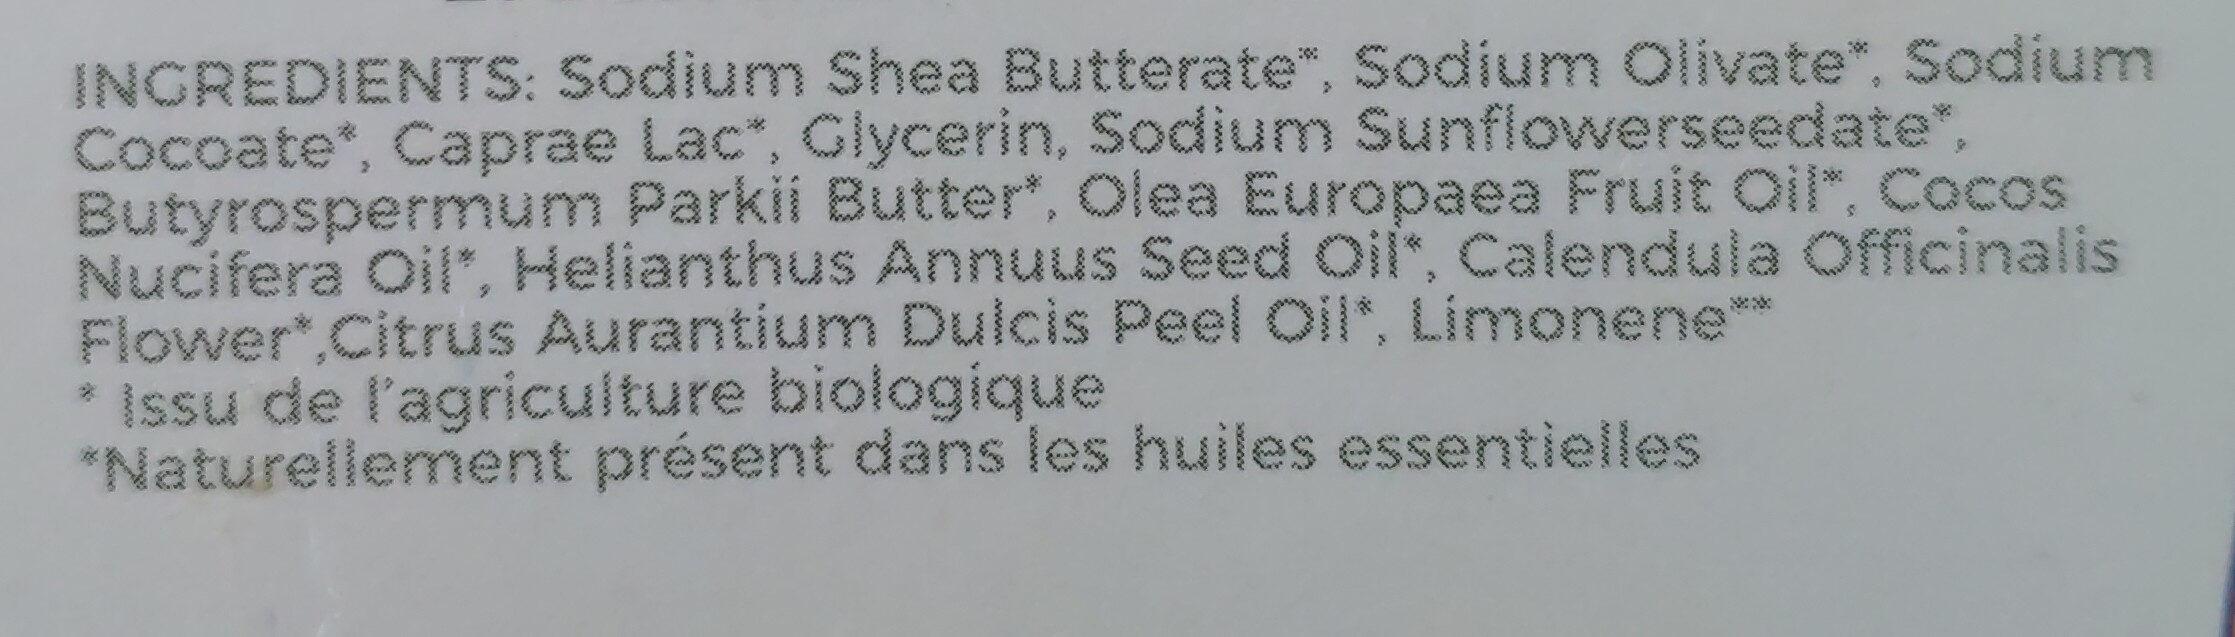 Savon aux petits soins - Calendula & Lait de chèvre - Ingrédients - fr